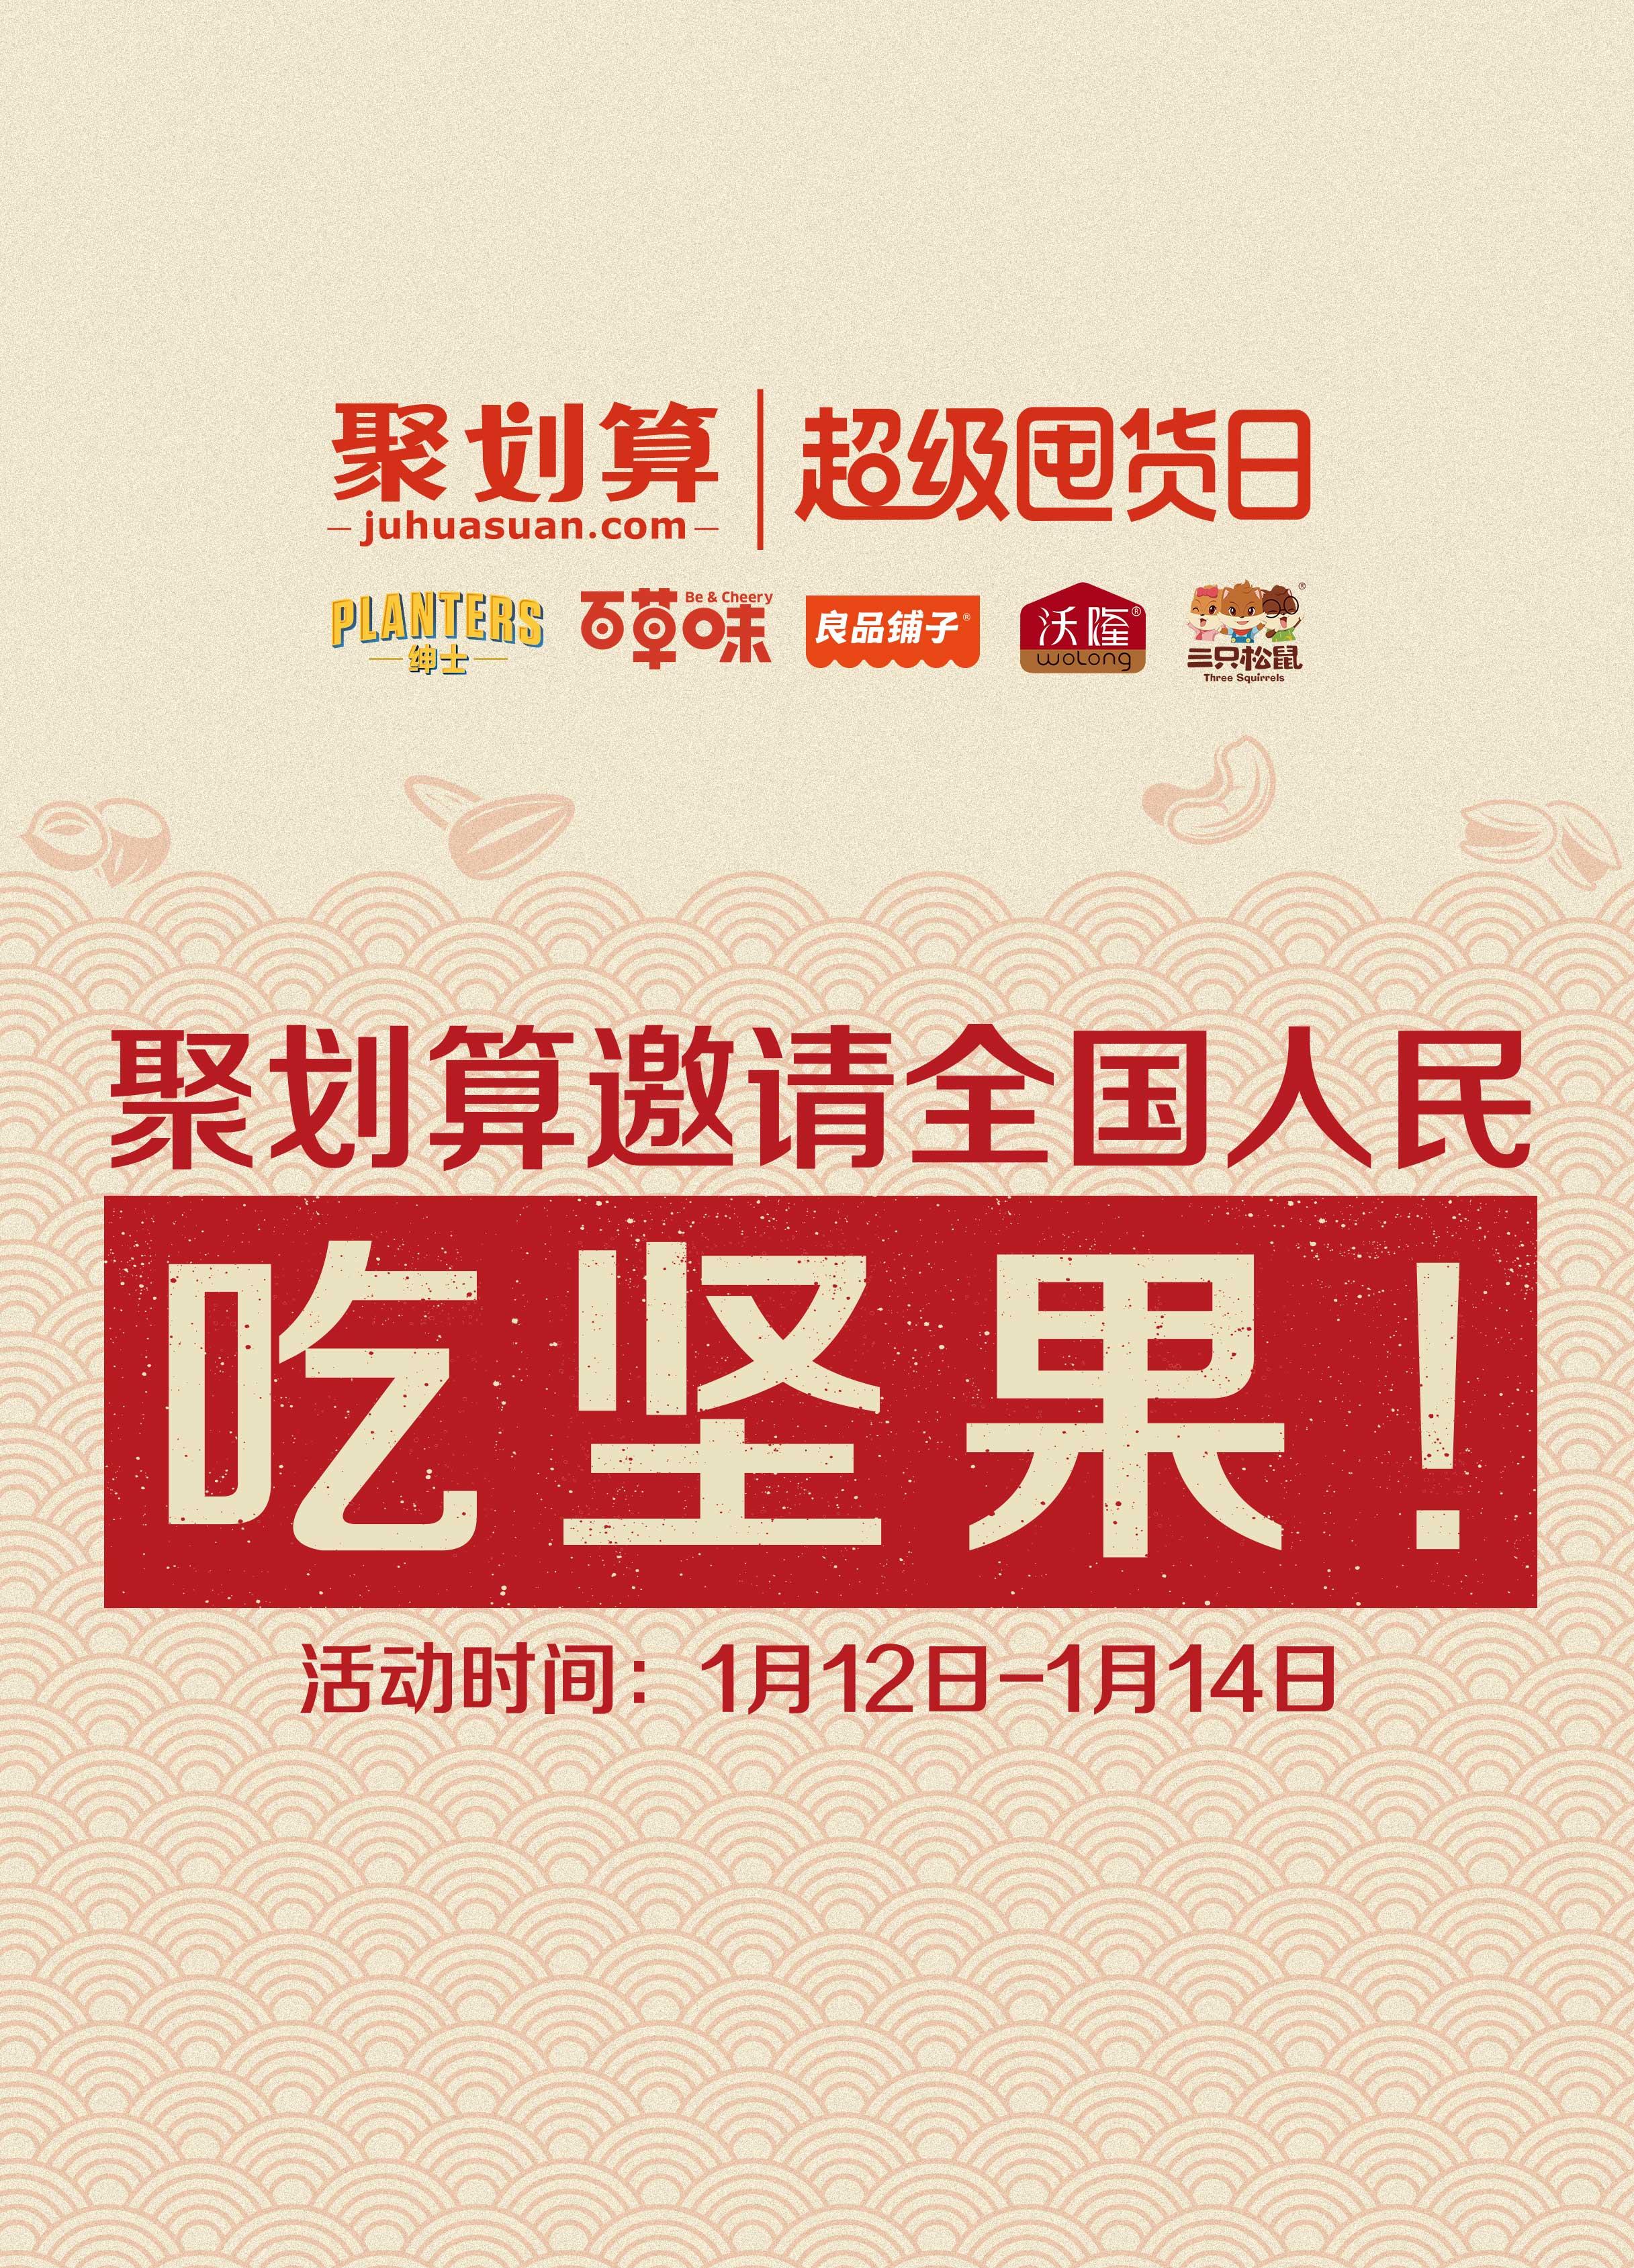 """018开年第一波刷屏:聚划算邀请全国人民吃坚果!"""""""